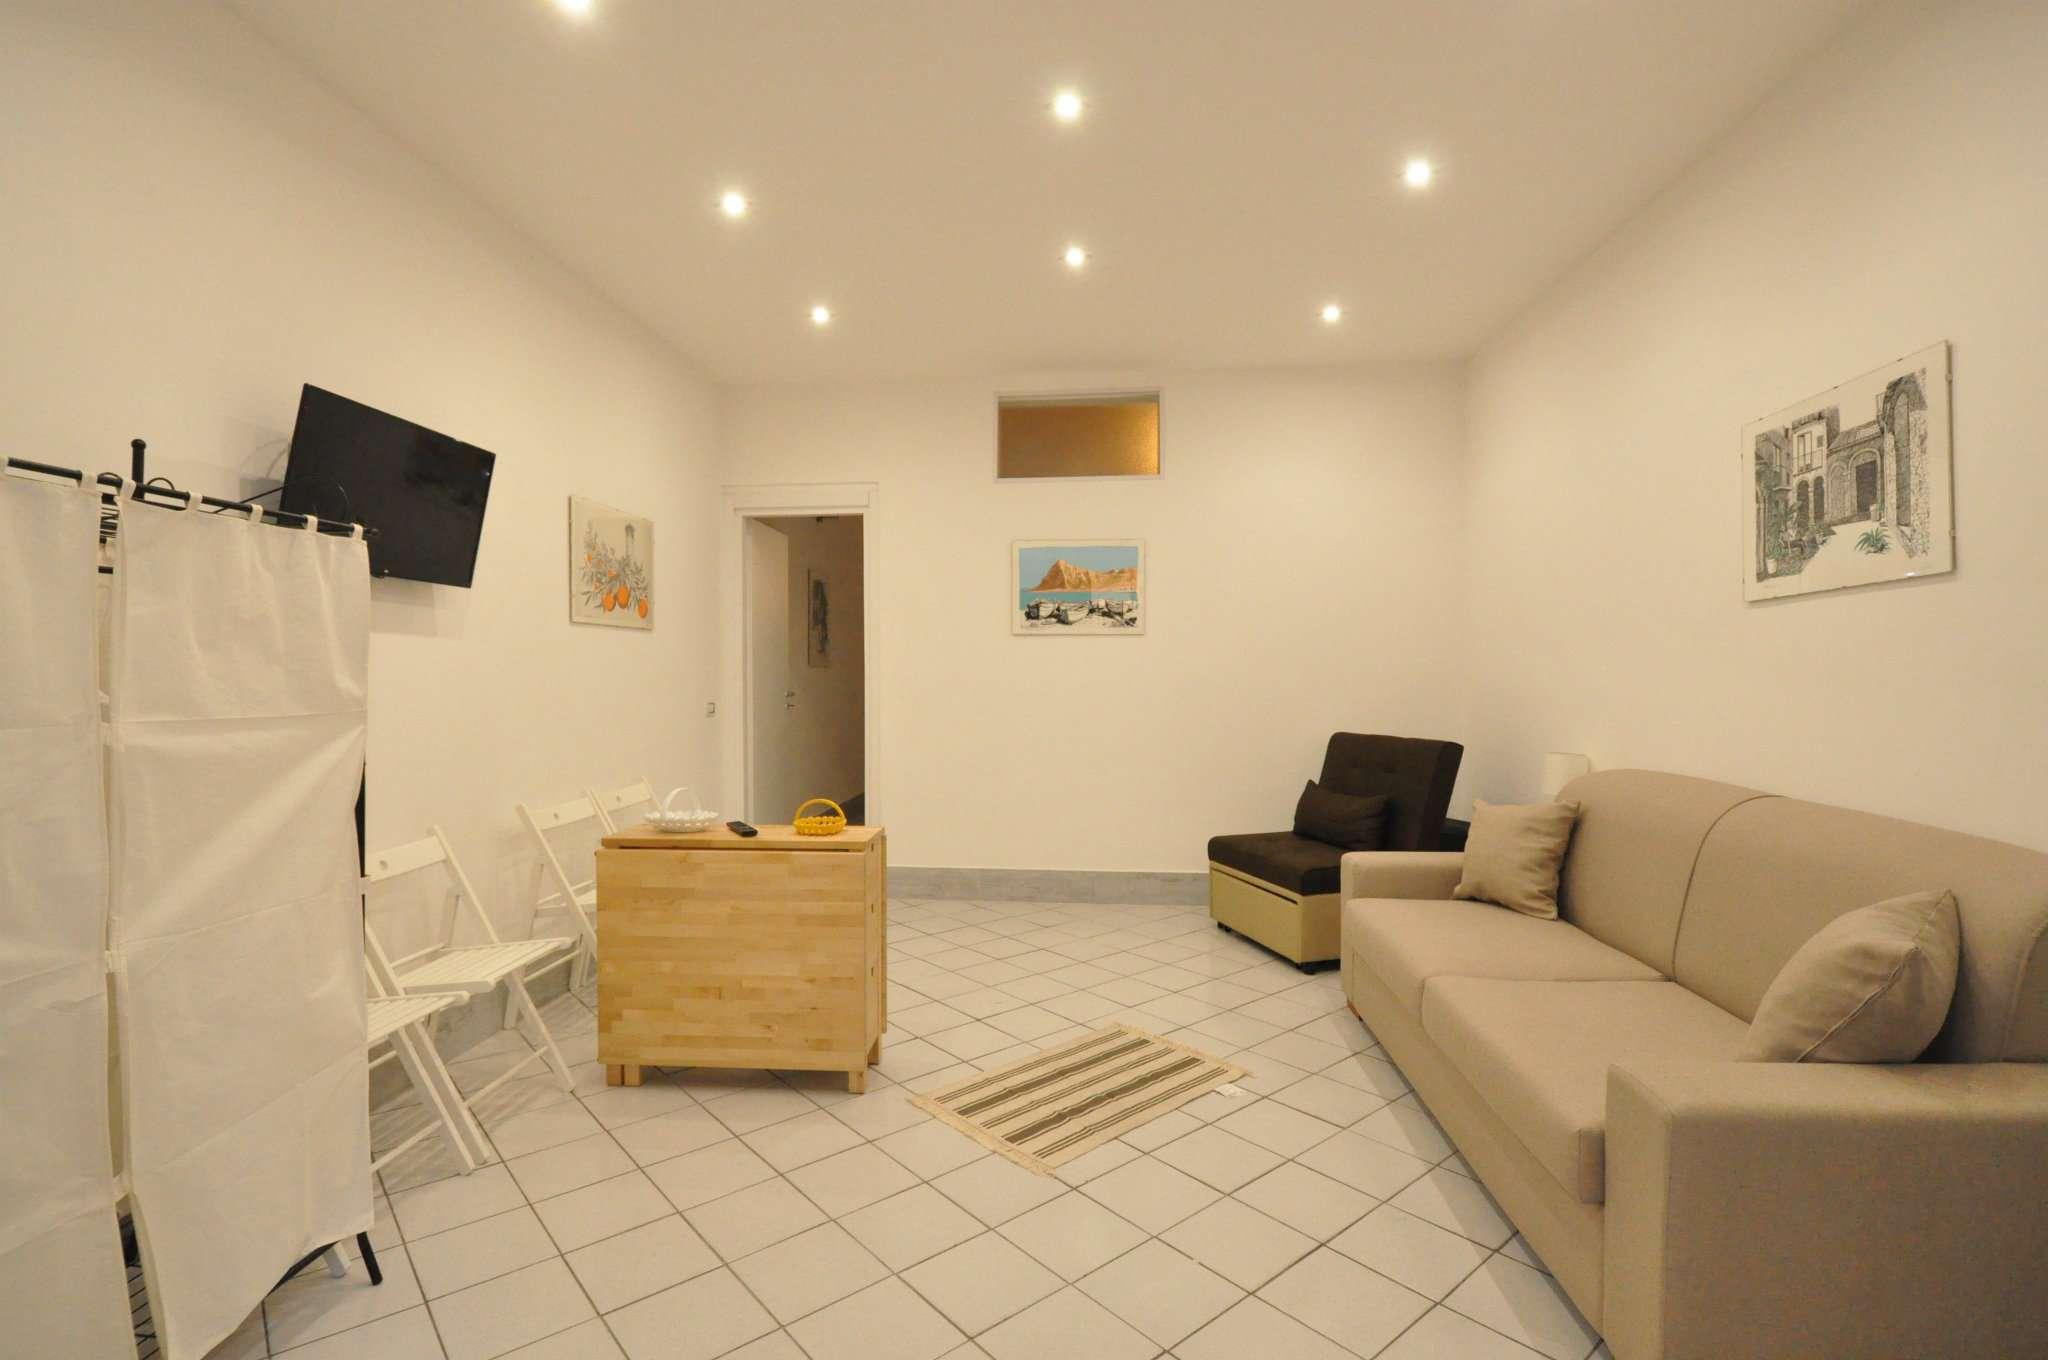 Appartamento in Affitto a Palermo:  2 locali, 40 mq  - Foto 1